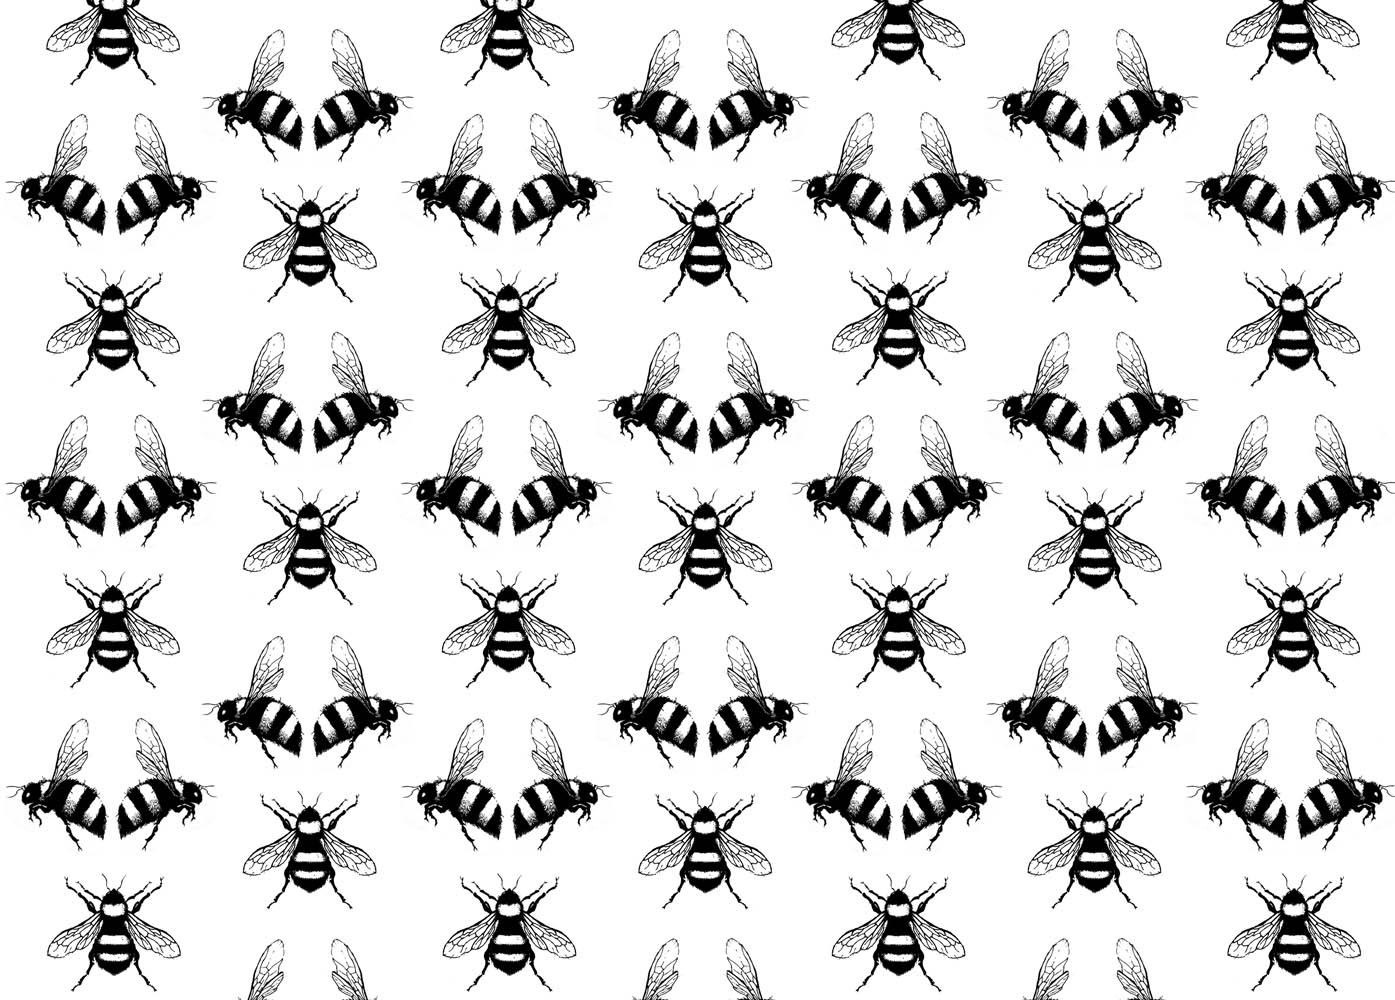 Bee Pattern Background By Debra Hughes Via Shutterstock